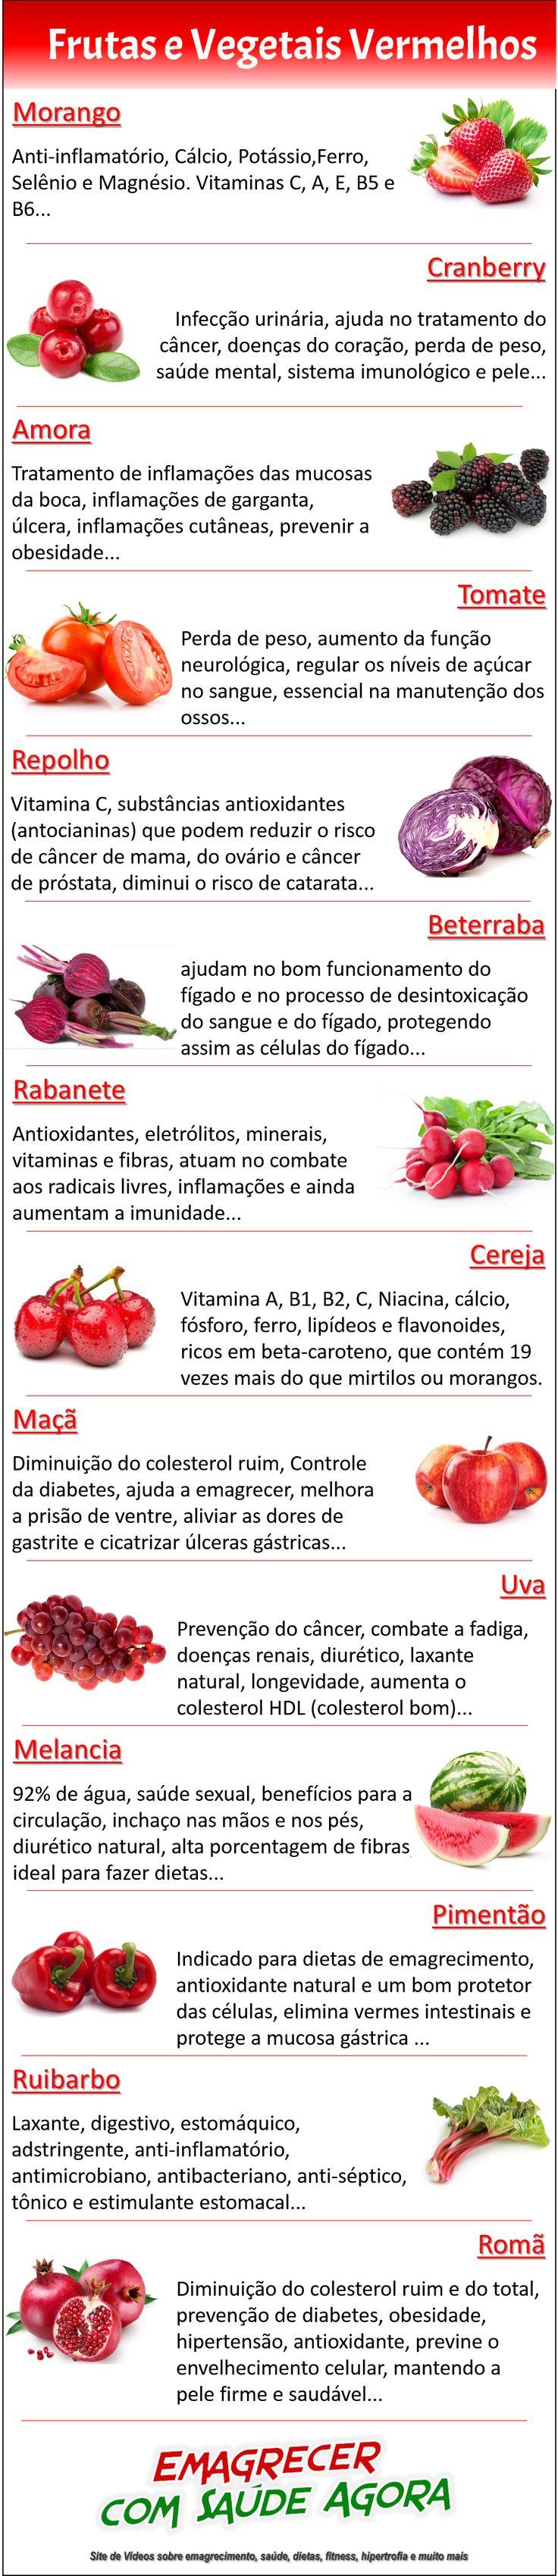 Saiba mais sobre estes incríveis alimentos vermelhos que podem te ajudar na sua…